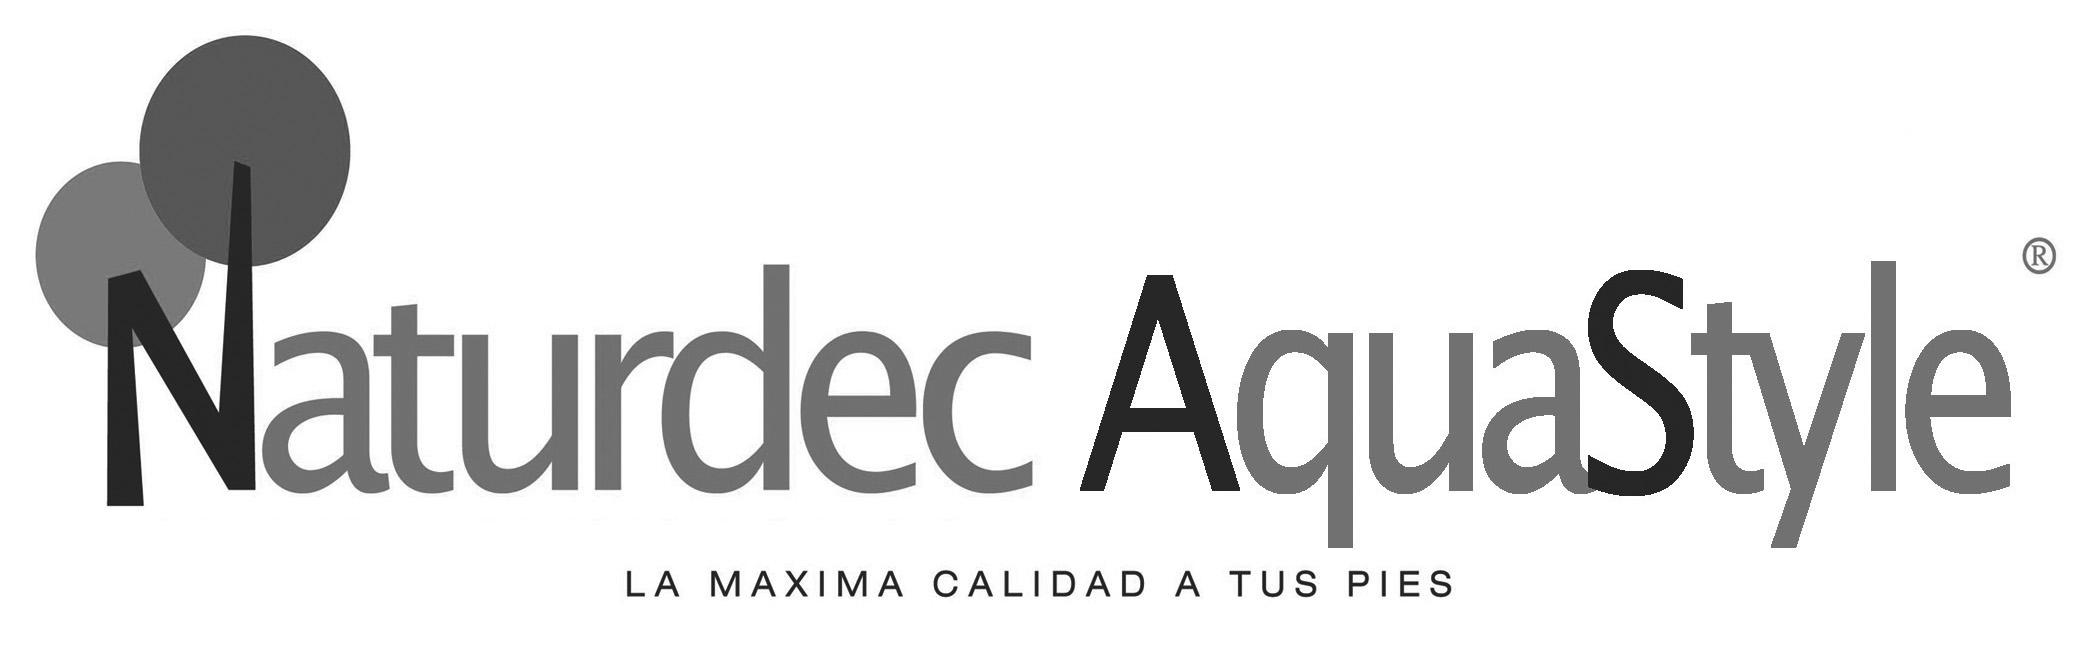 Tarimas sintéticas tratadas Naturdec en Parquet Astorga